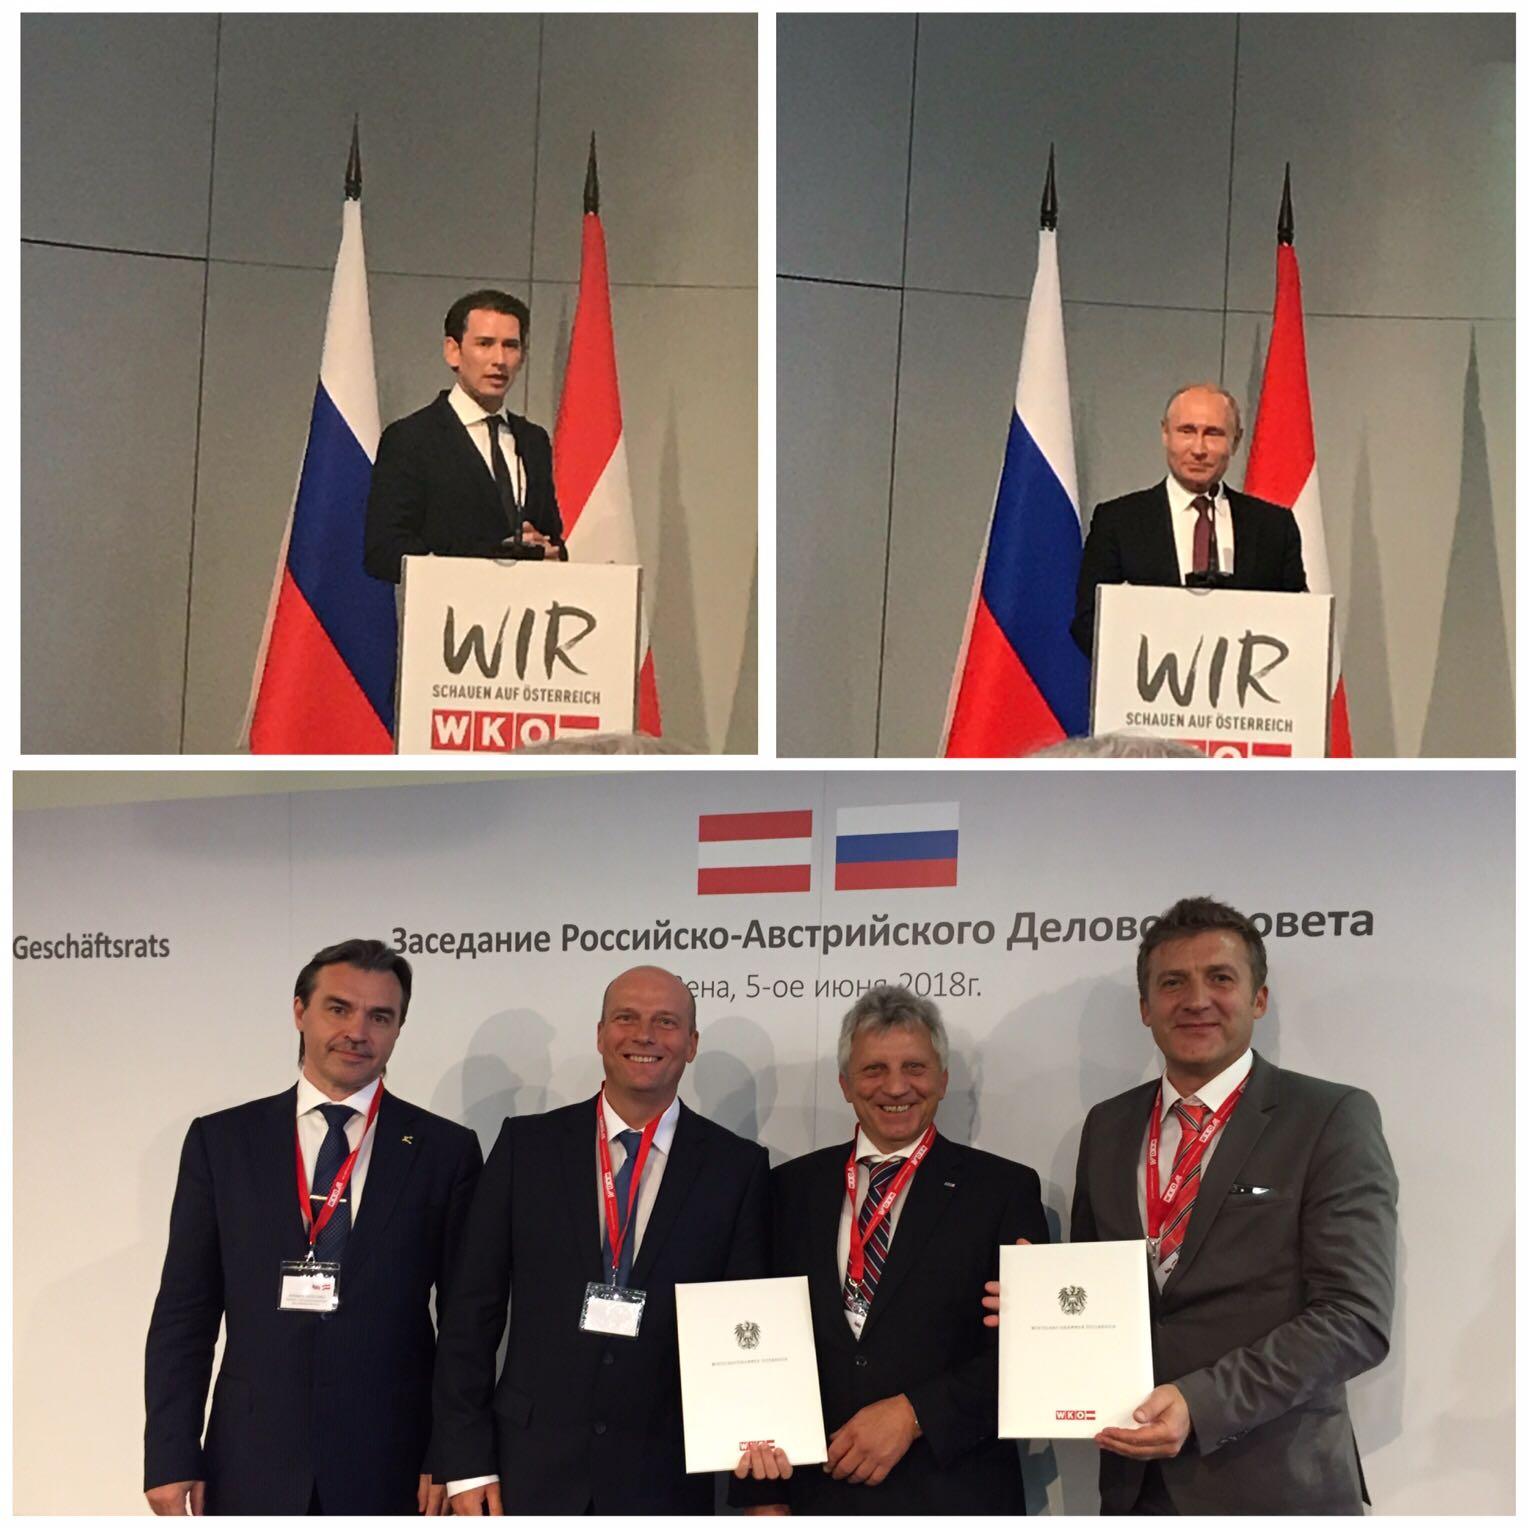 Während des knapp achtstündigen Aufenthaltes von Vladimir Putin in Wien hat der russische Präsident auch die RTi empfangen.